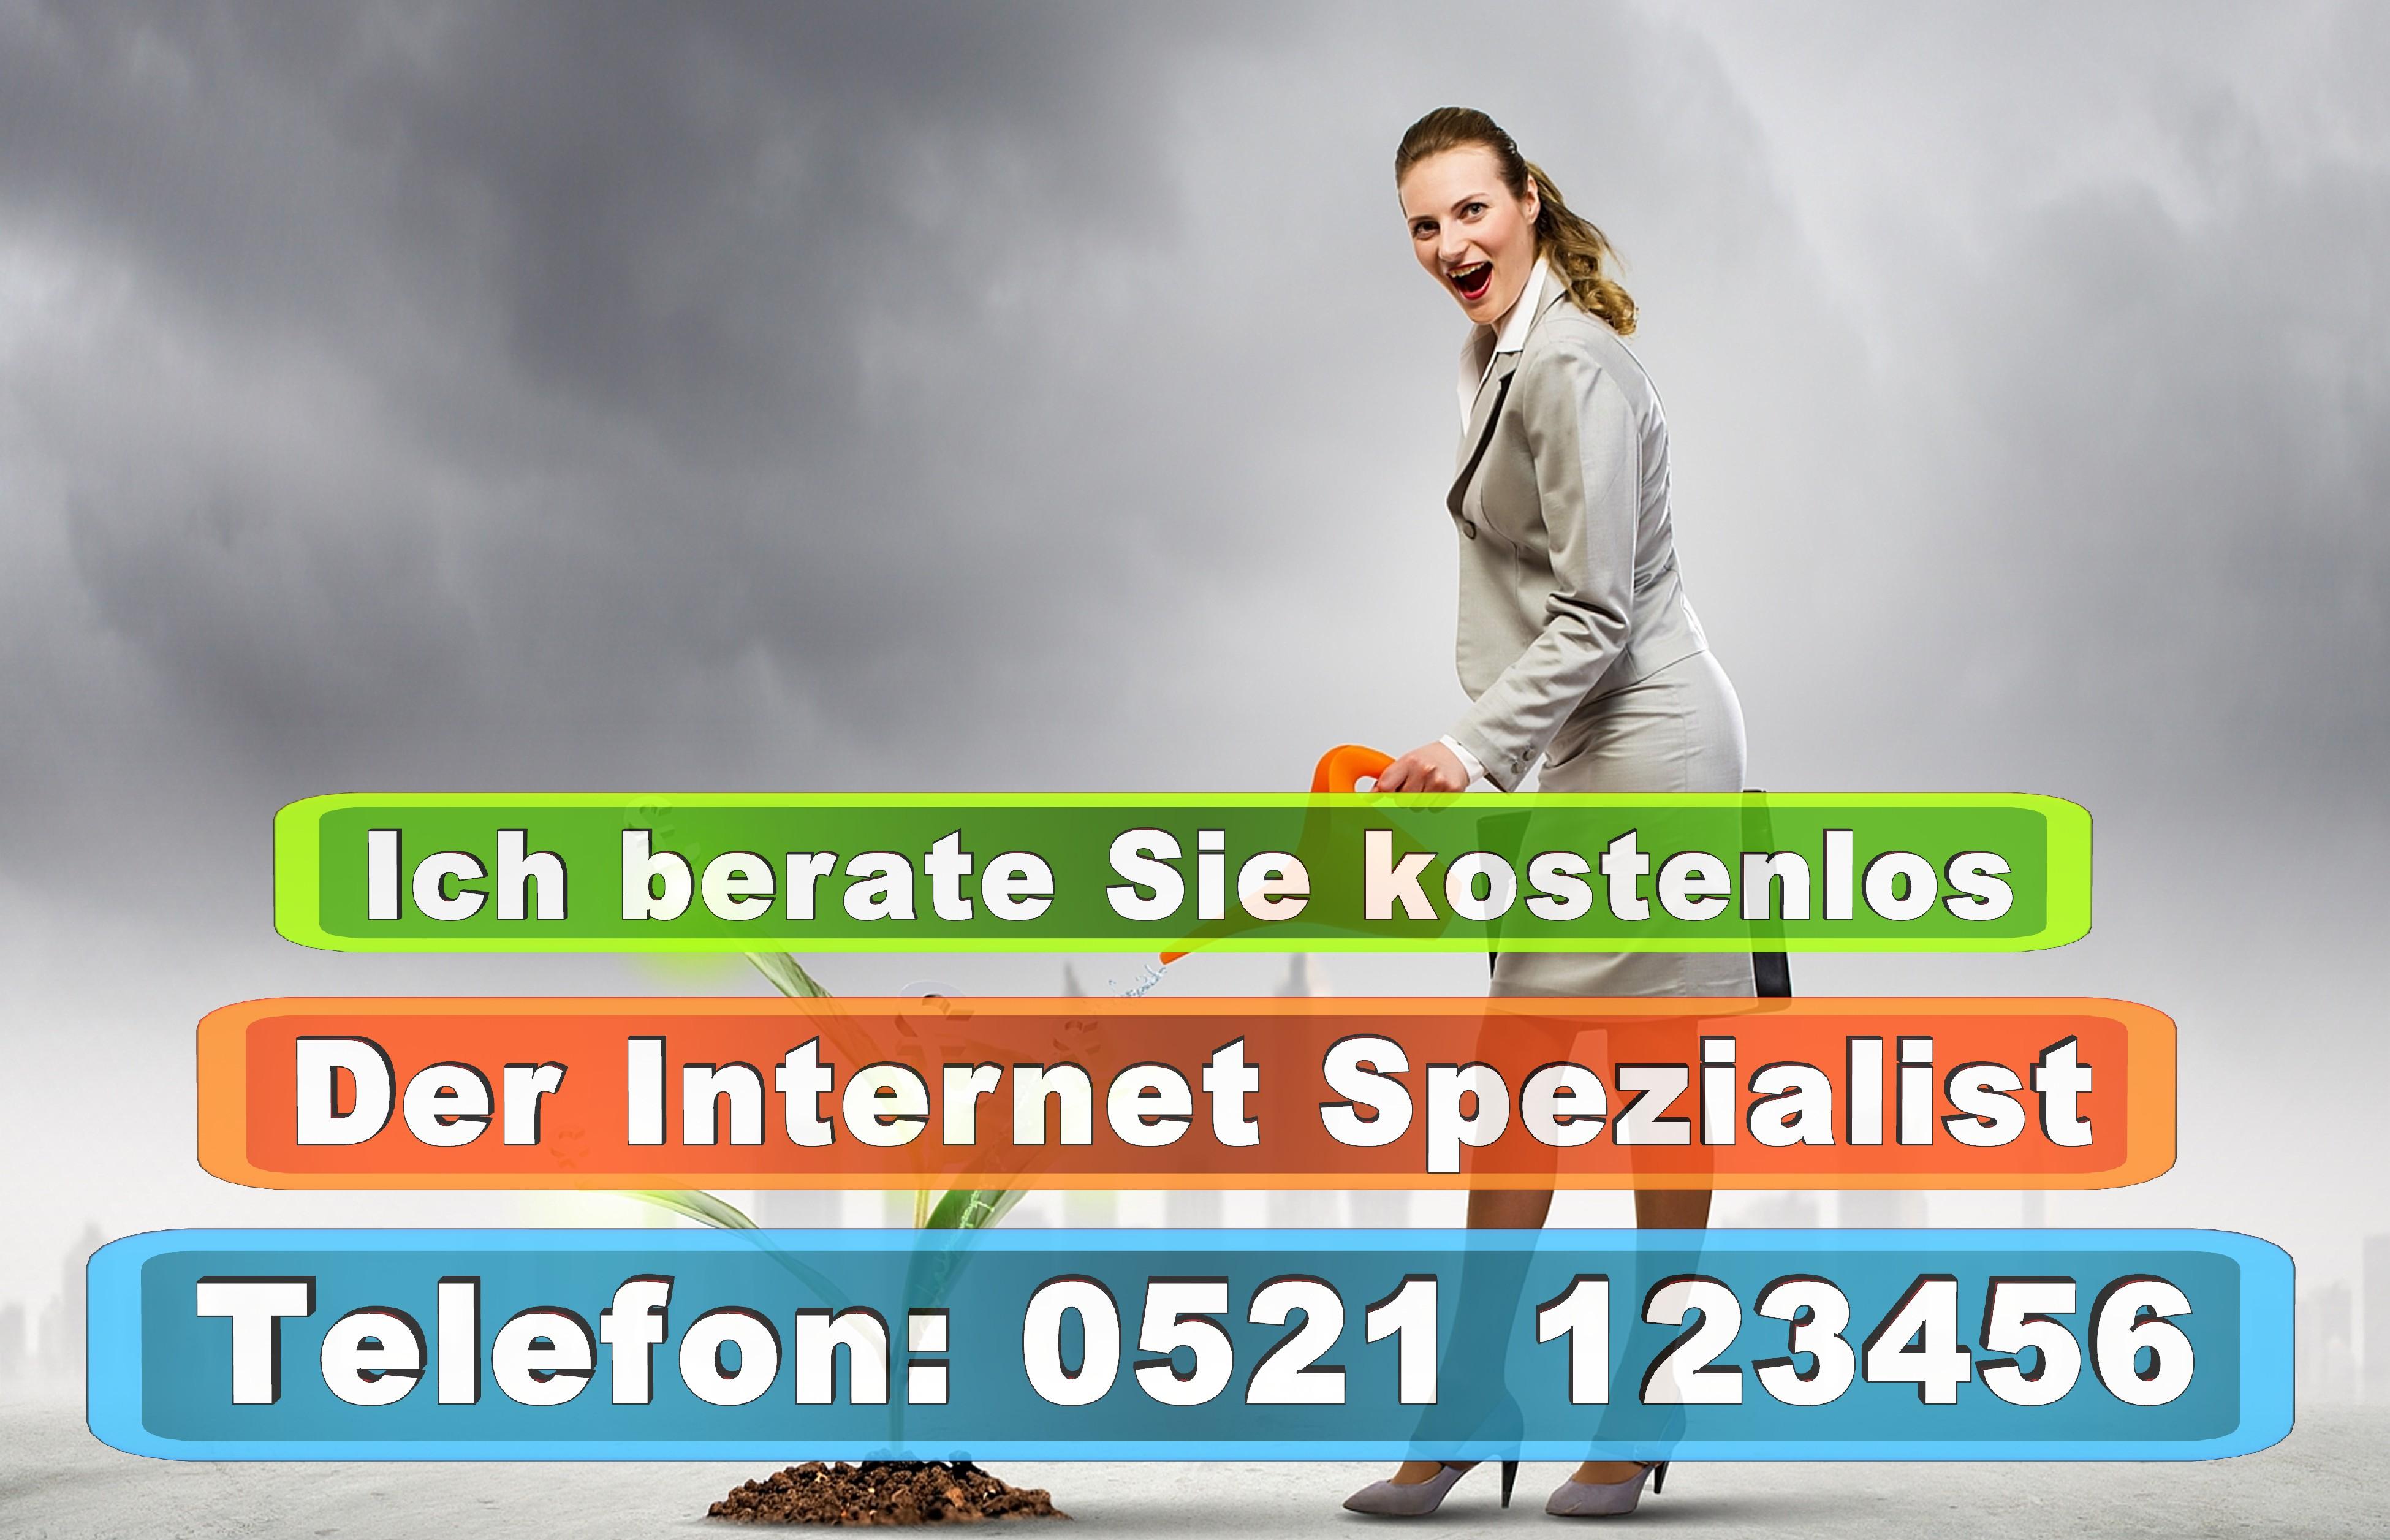 Bielefeld Werbeagenturen Druckereien Werbeplakate Print Druck Internet Computer Grafiker Designer Mode Geschäfte Bekleidung (16)